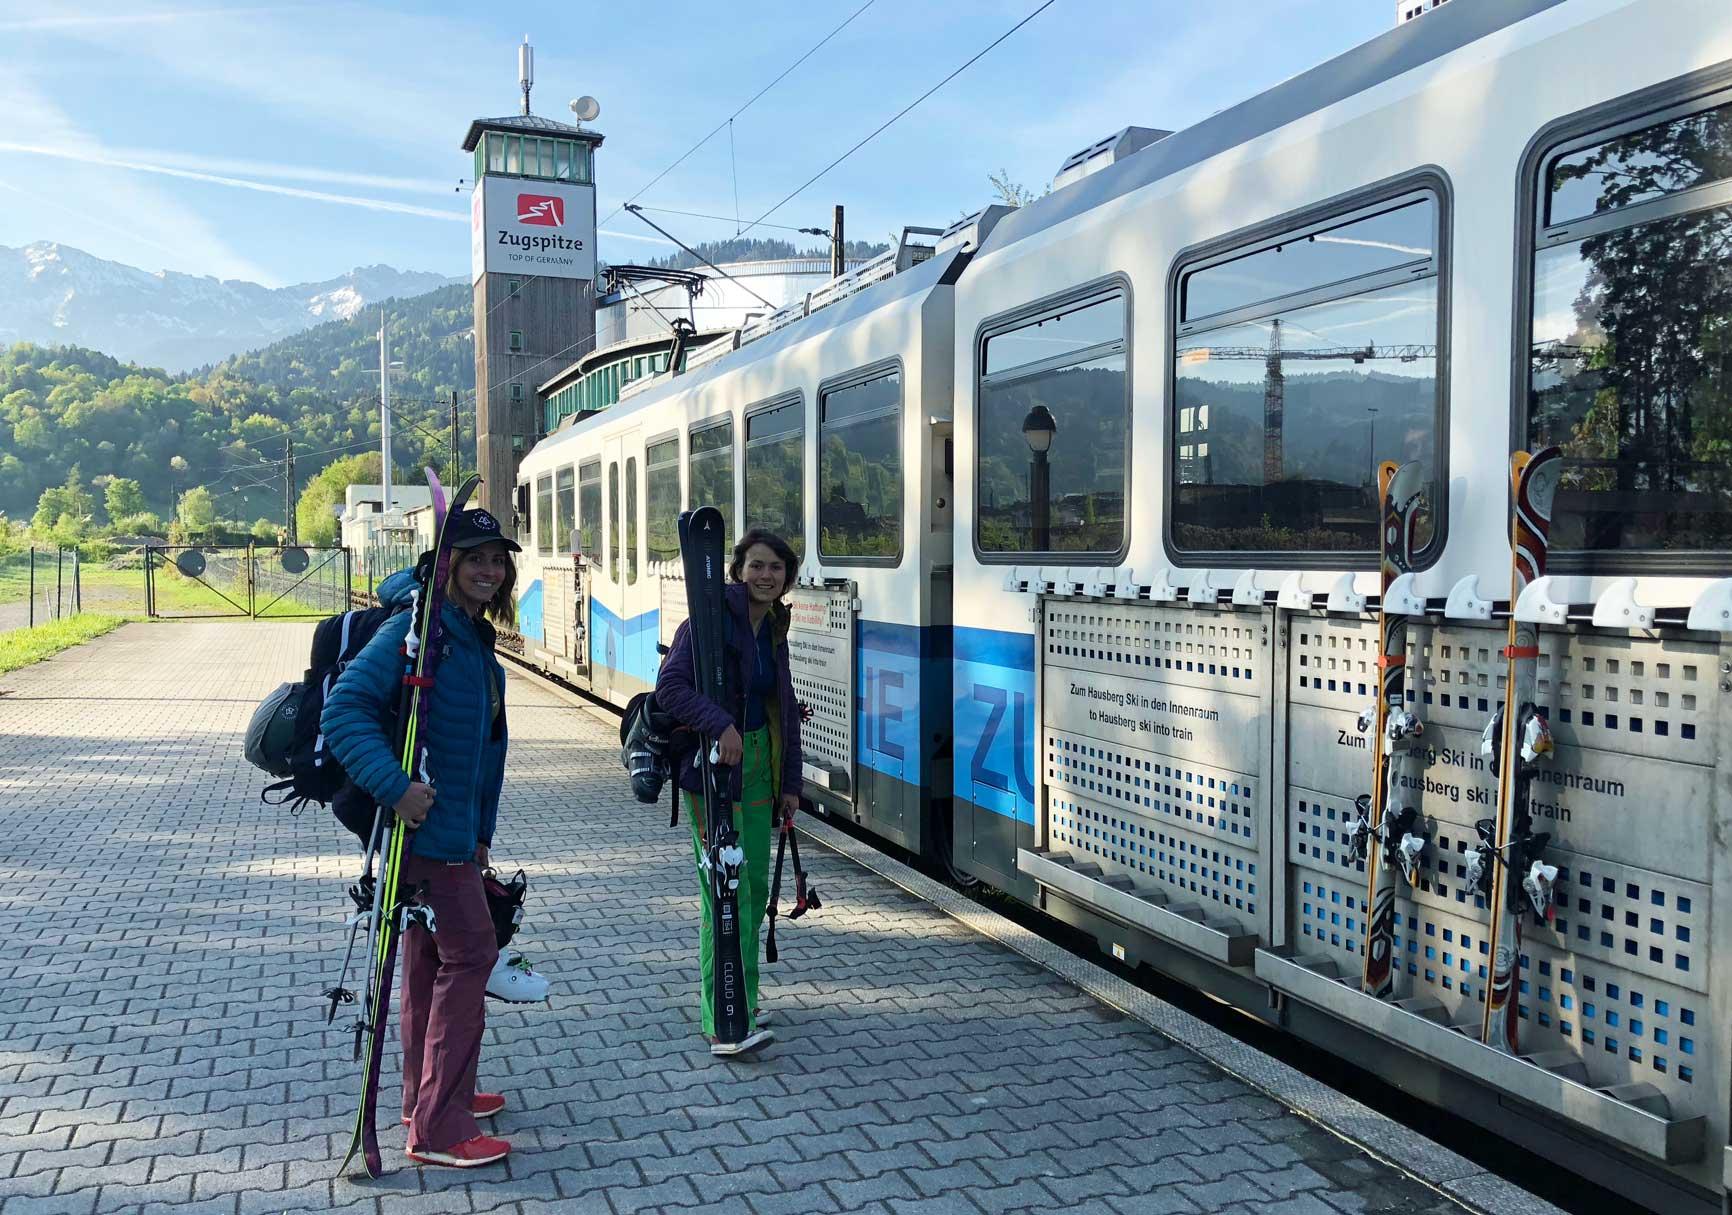 mit-dem-zug-skifahren-zur-zugspitze-munichmountaingirls